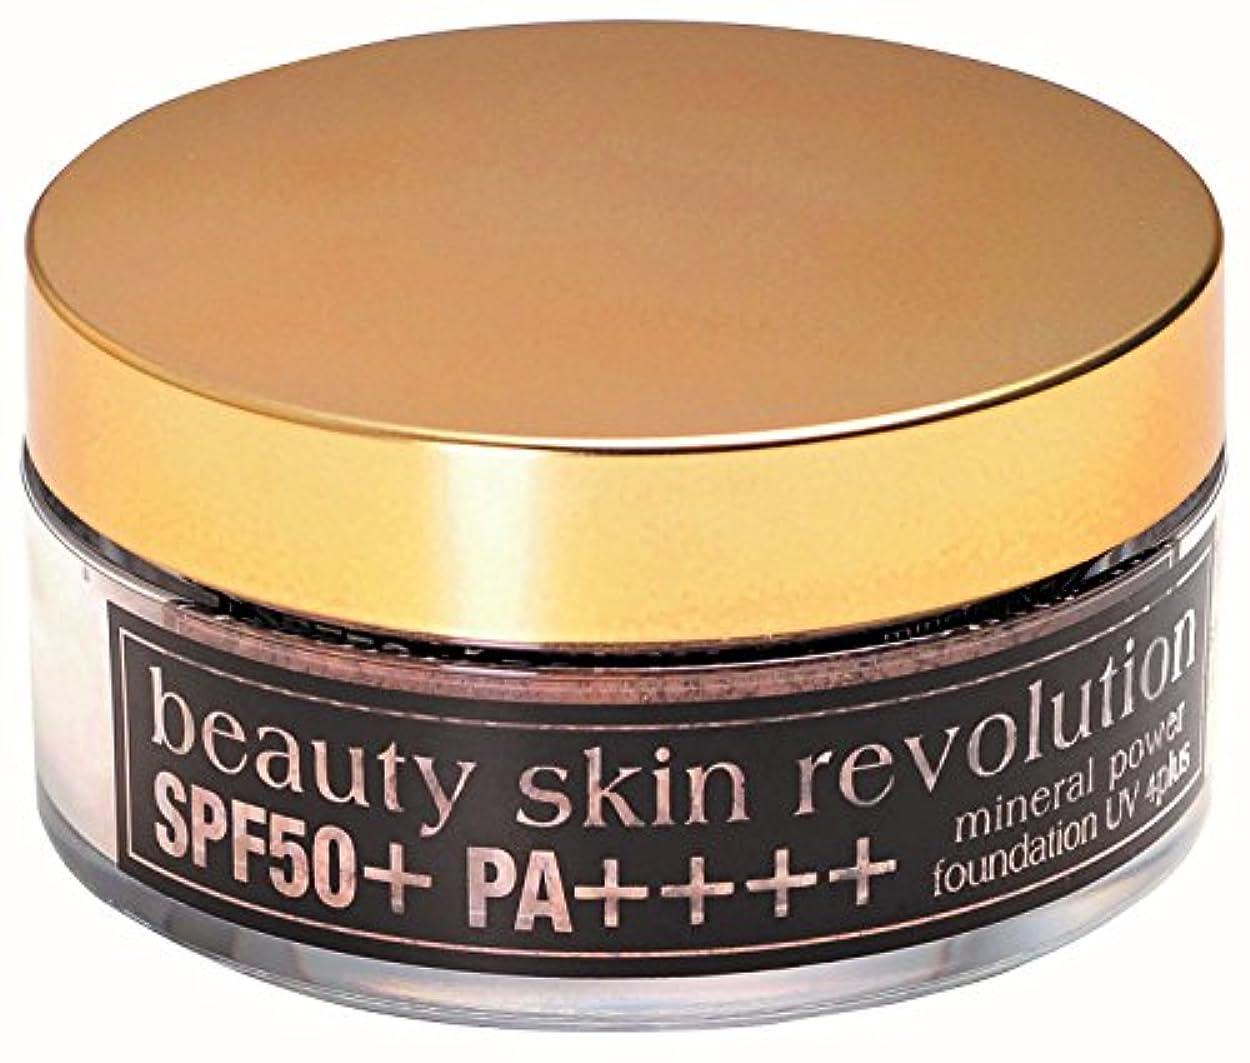 スペクトラム唇長老美肌レボ ミネラルパワーファンデーション UV4プラス 12g